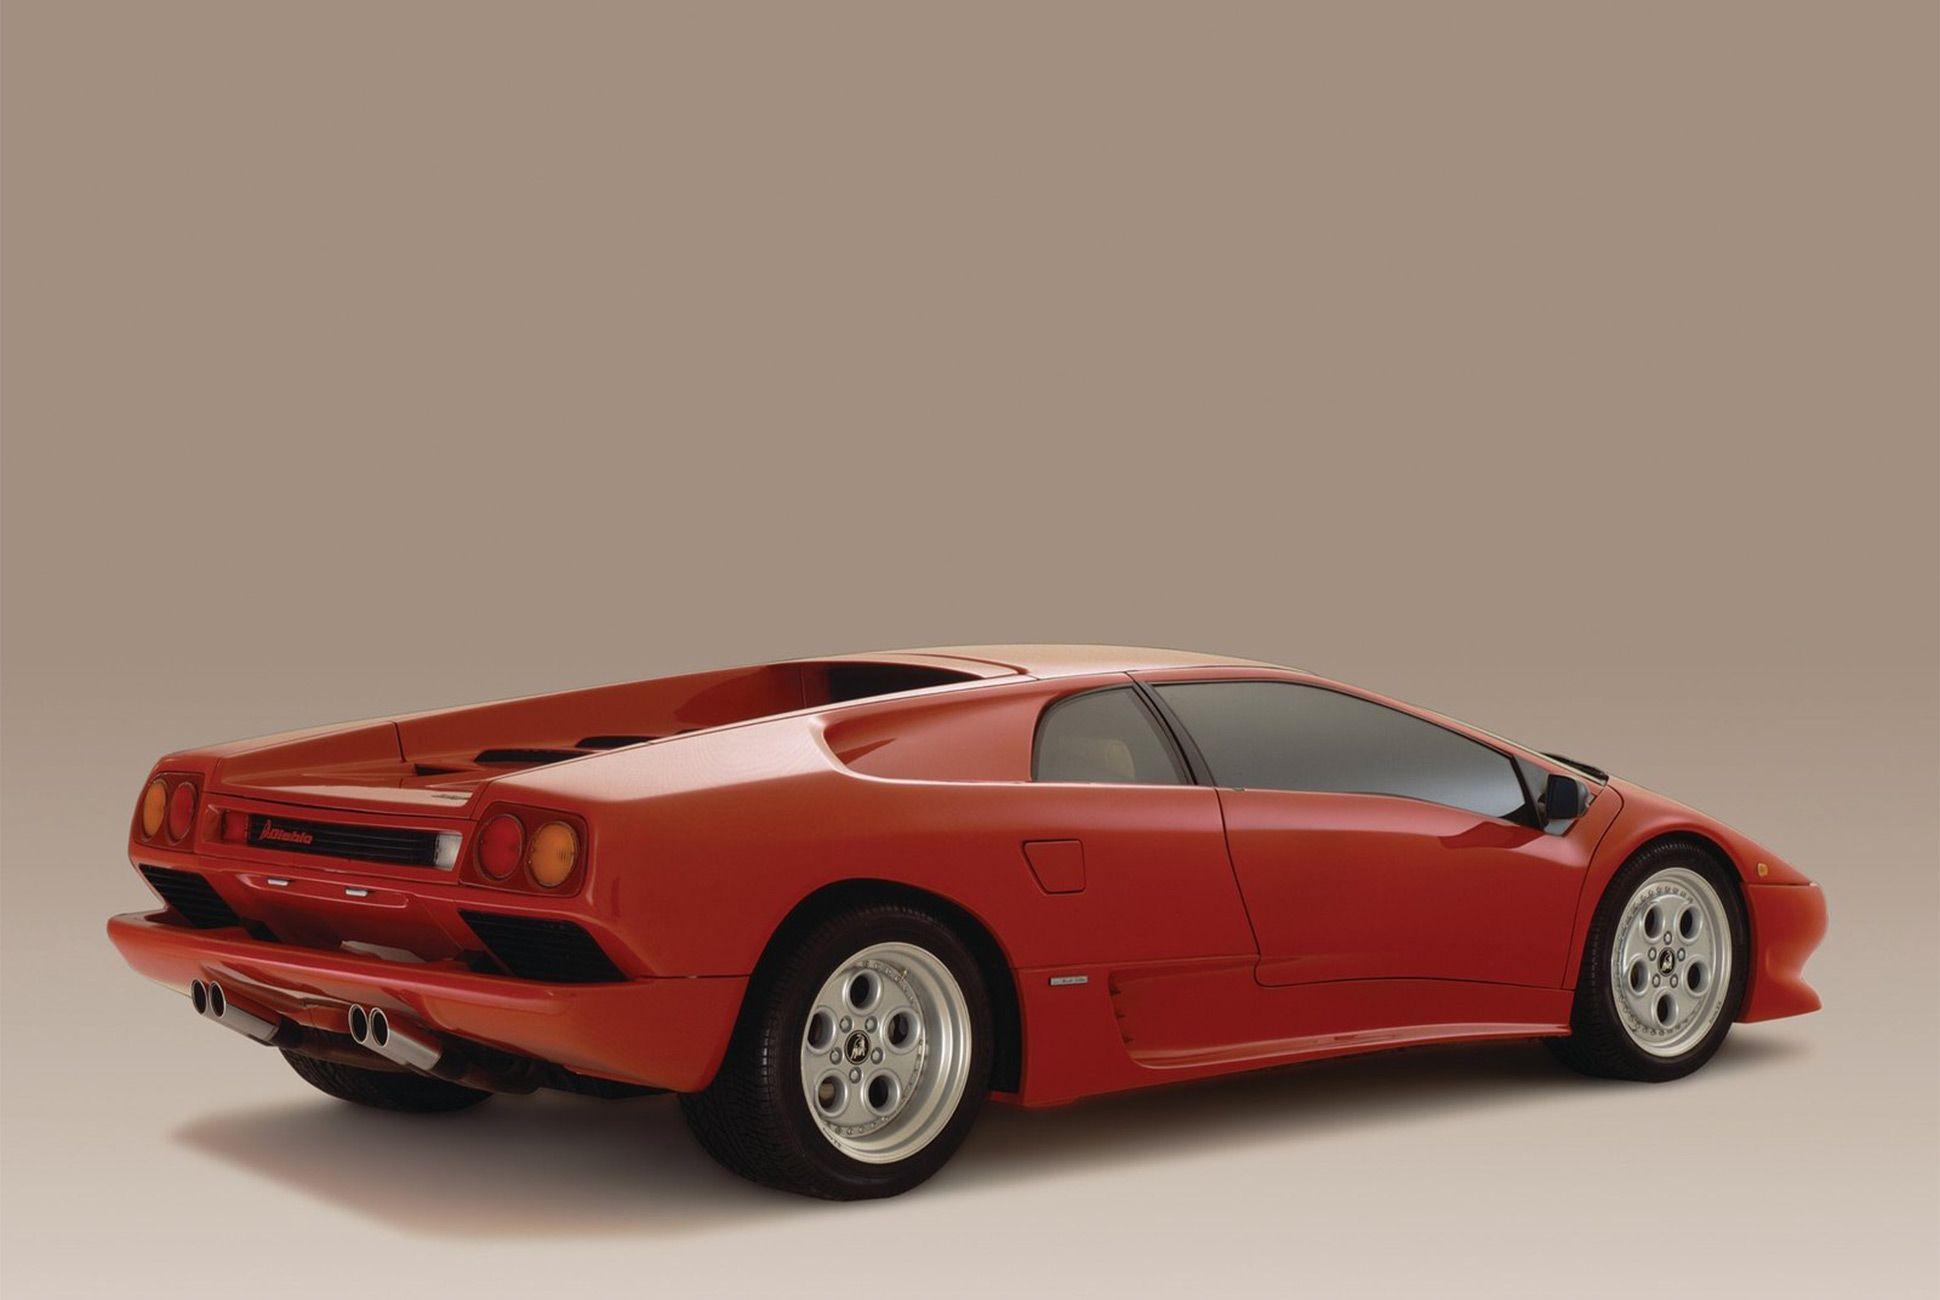 Lamborghini Diablo-Gear-Patrol-Slide-03